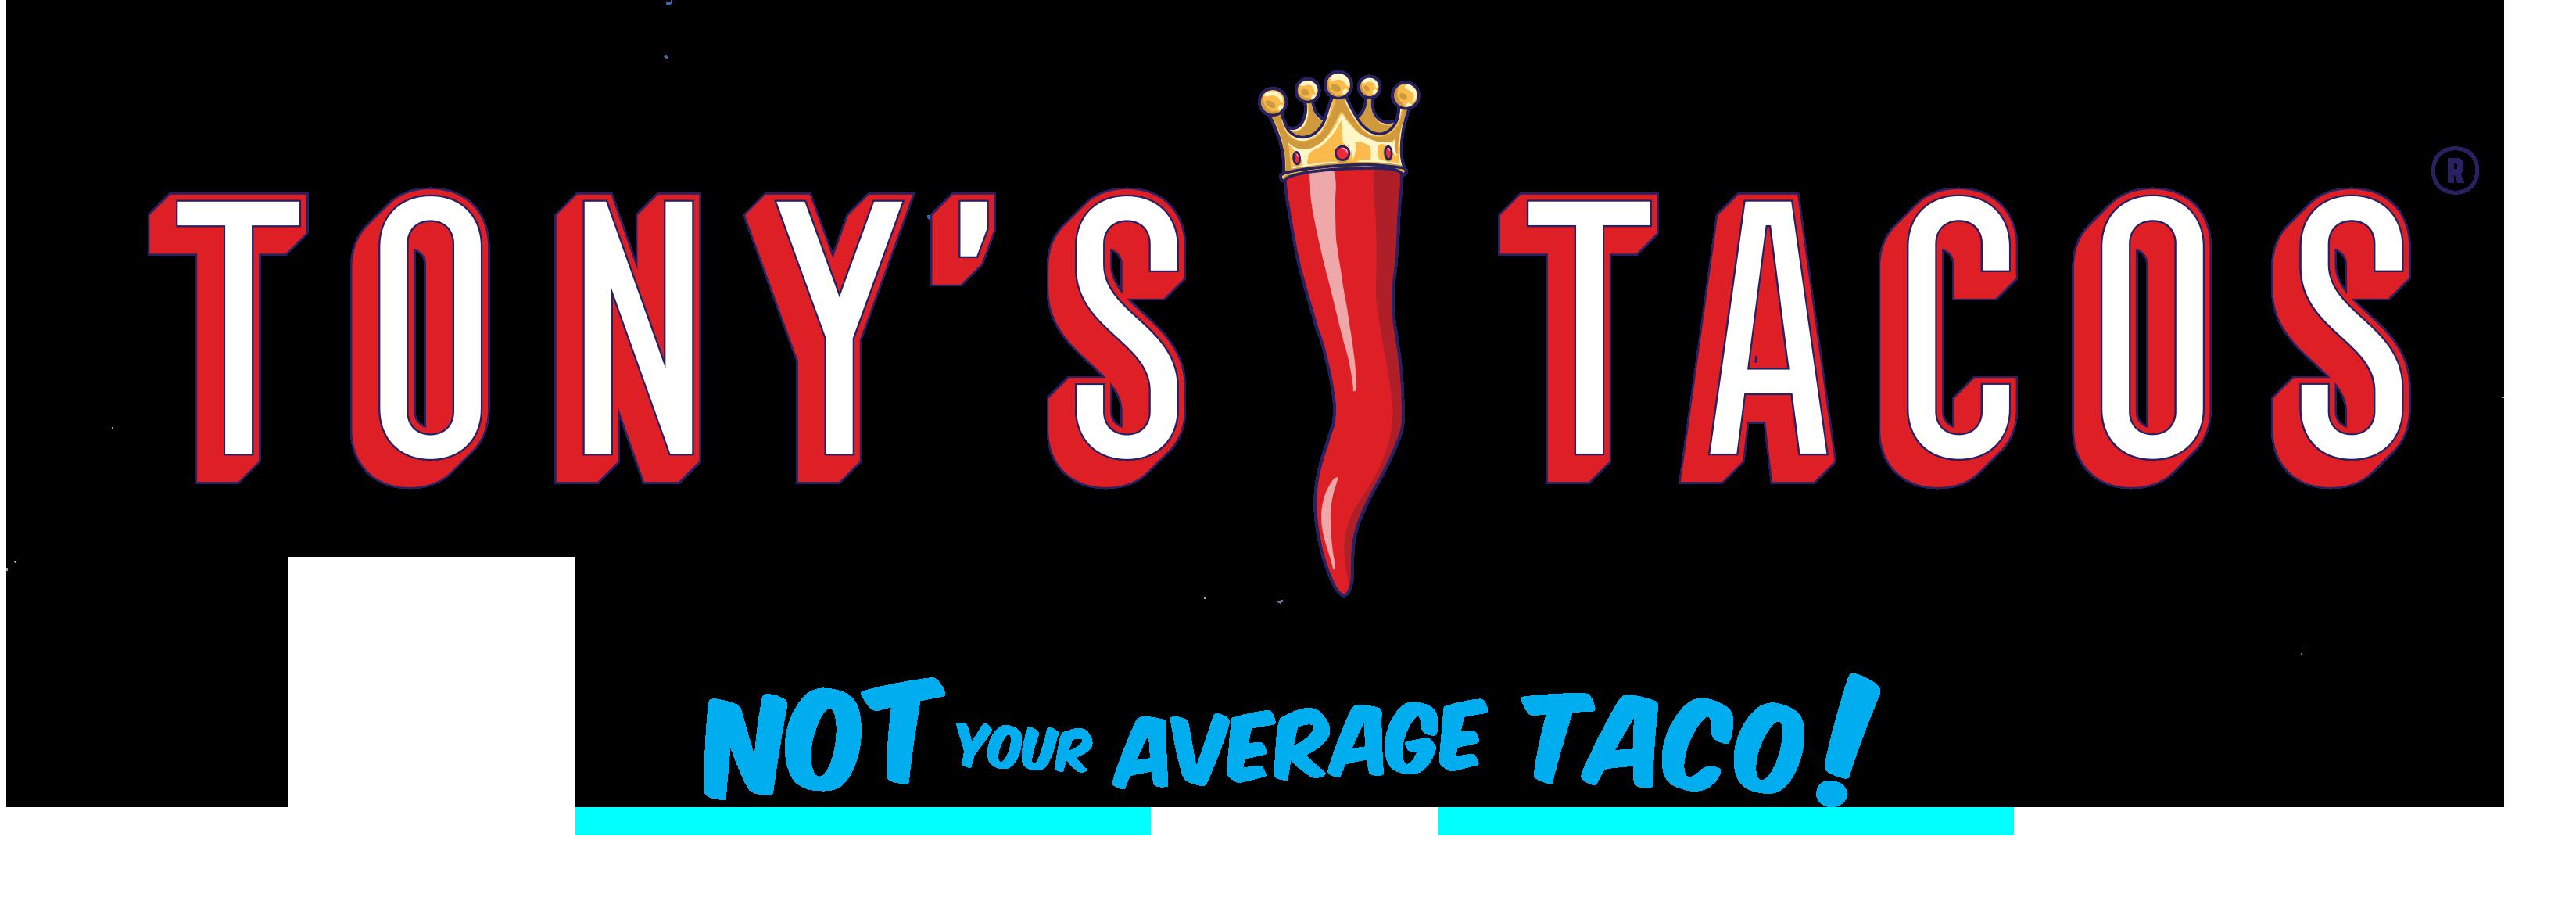 Tony's Taco Home